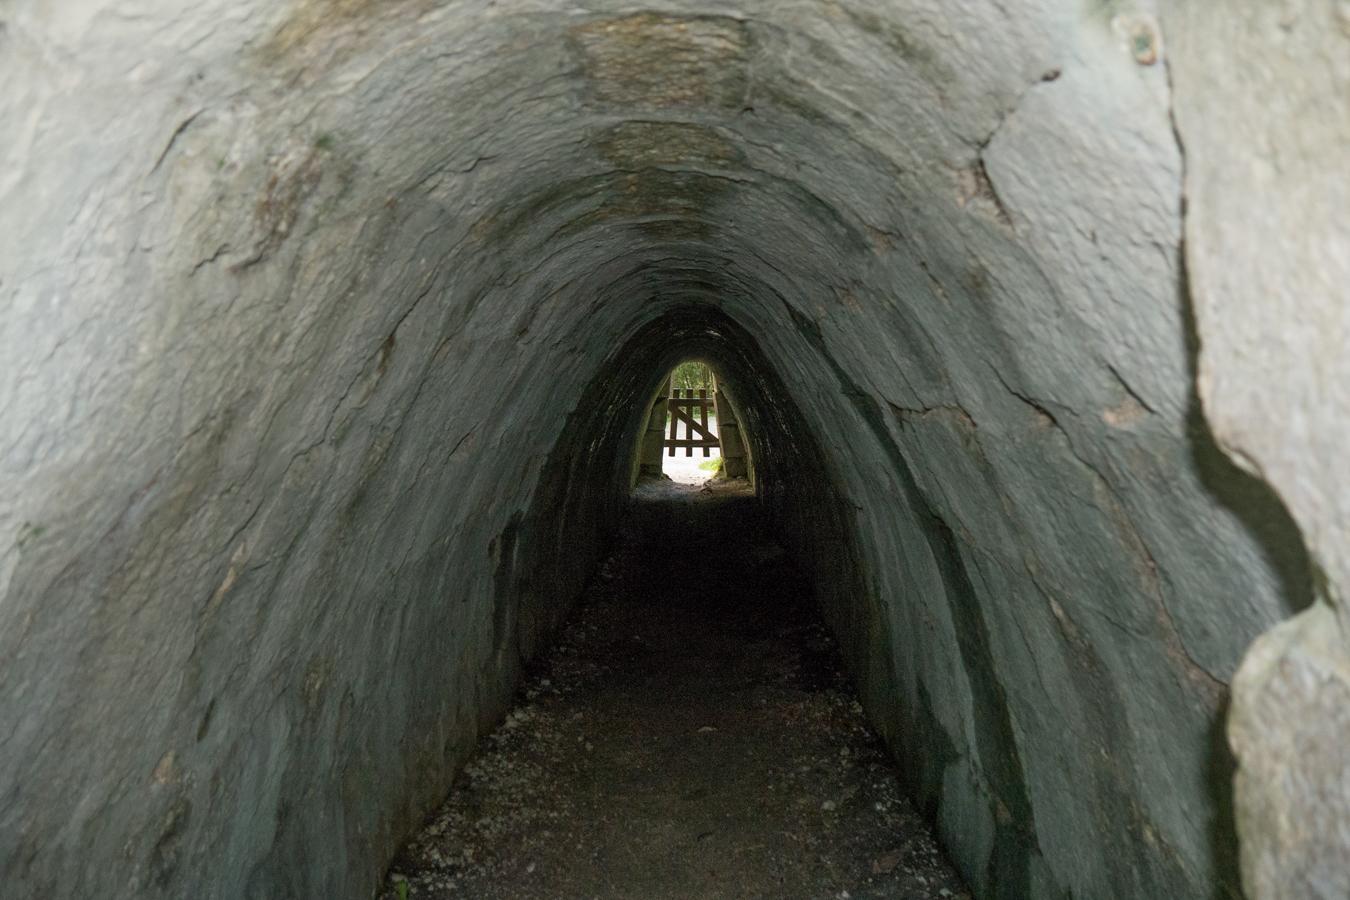 Ein Tunnelblick durch einen alten Stollen